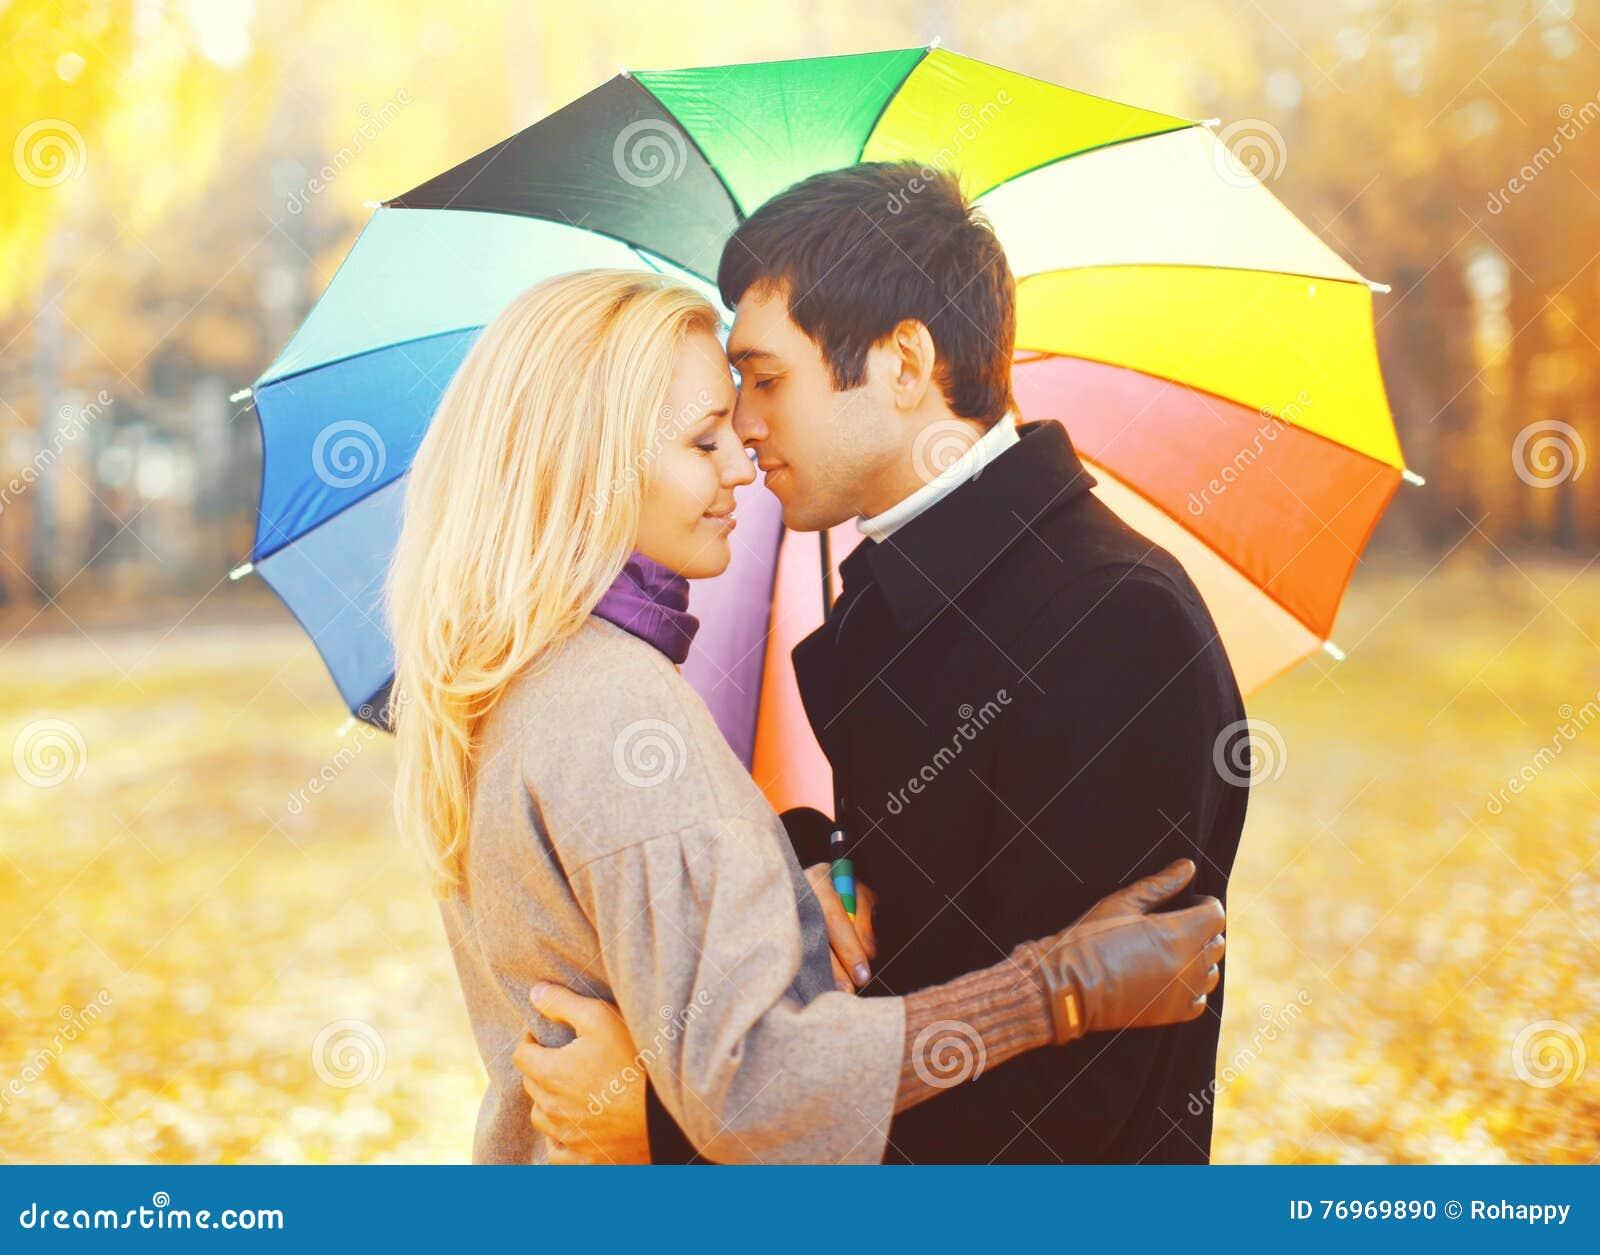 Portret romantyczna całowanie para w miłości z kolorowym parasolem przy ciepłym słonecznym dniem nad żółtymi liśćmi wpólnie